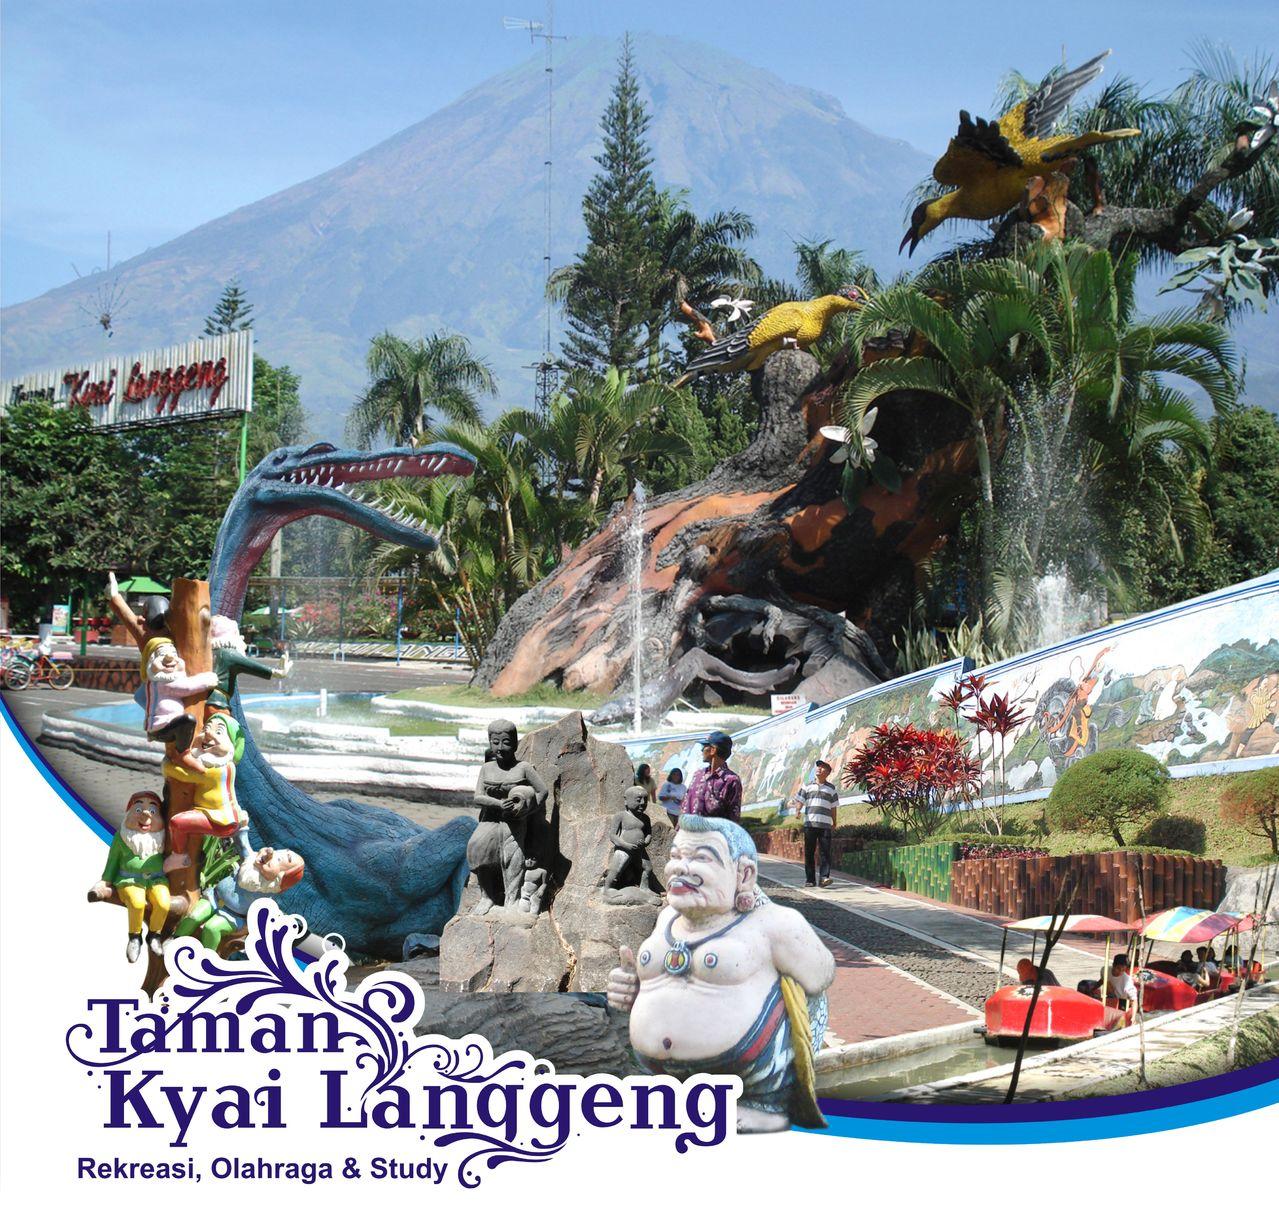 Taman Kyai Langgeng Magelang Jawa Tengah Media Pomosi Tempat Wisata